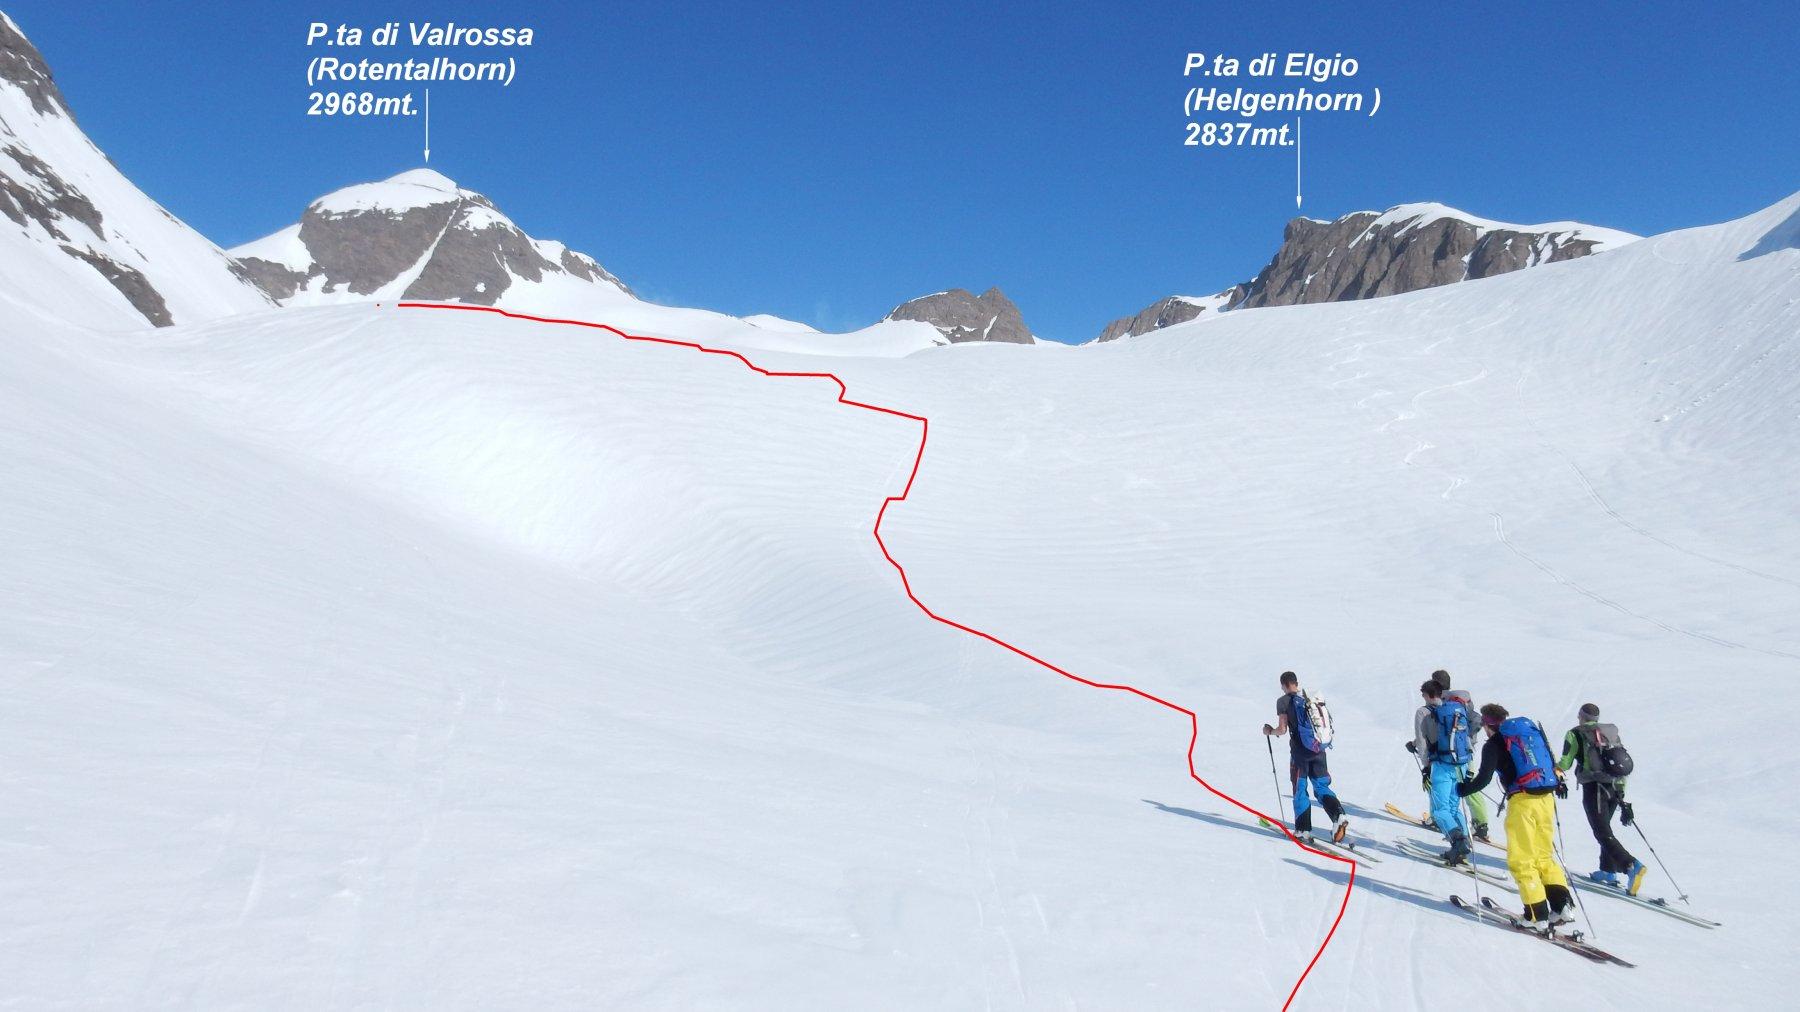 Valrossa con in rosso la traccia di salita verso la P.ta di Valrossa.